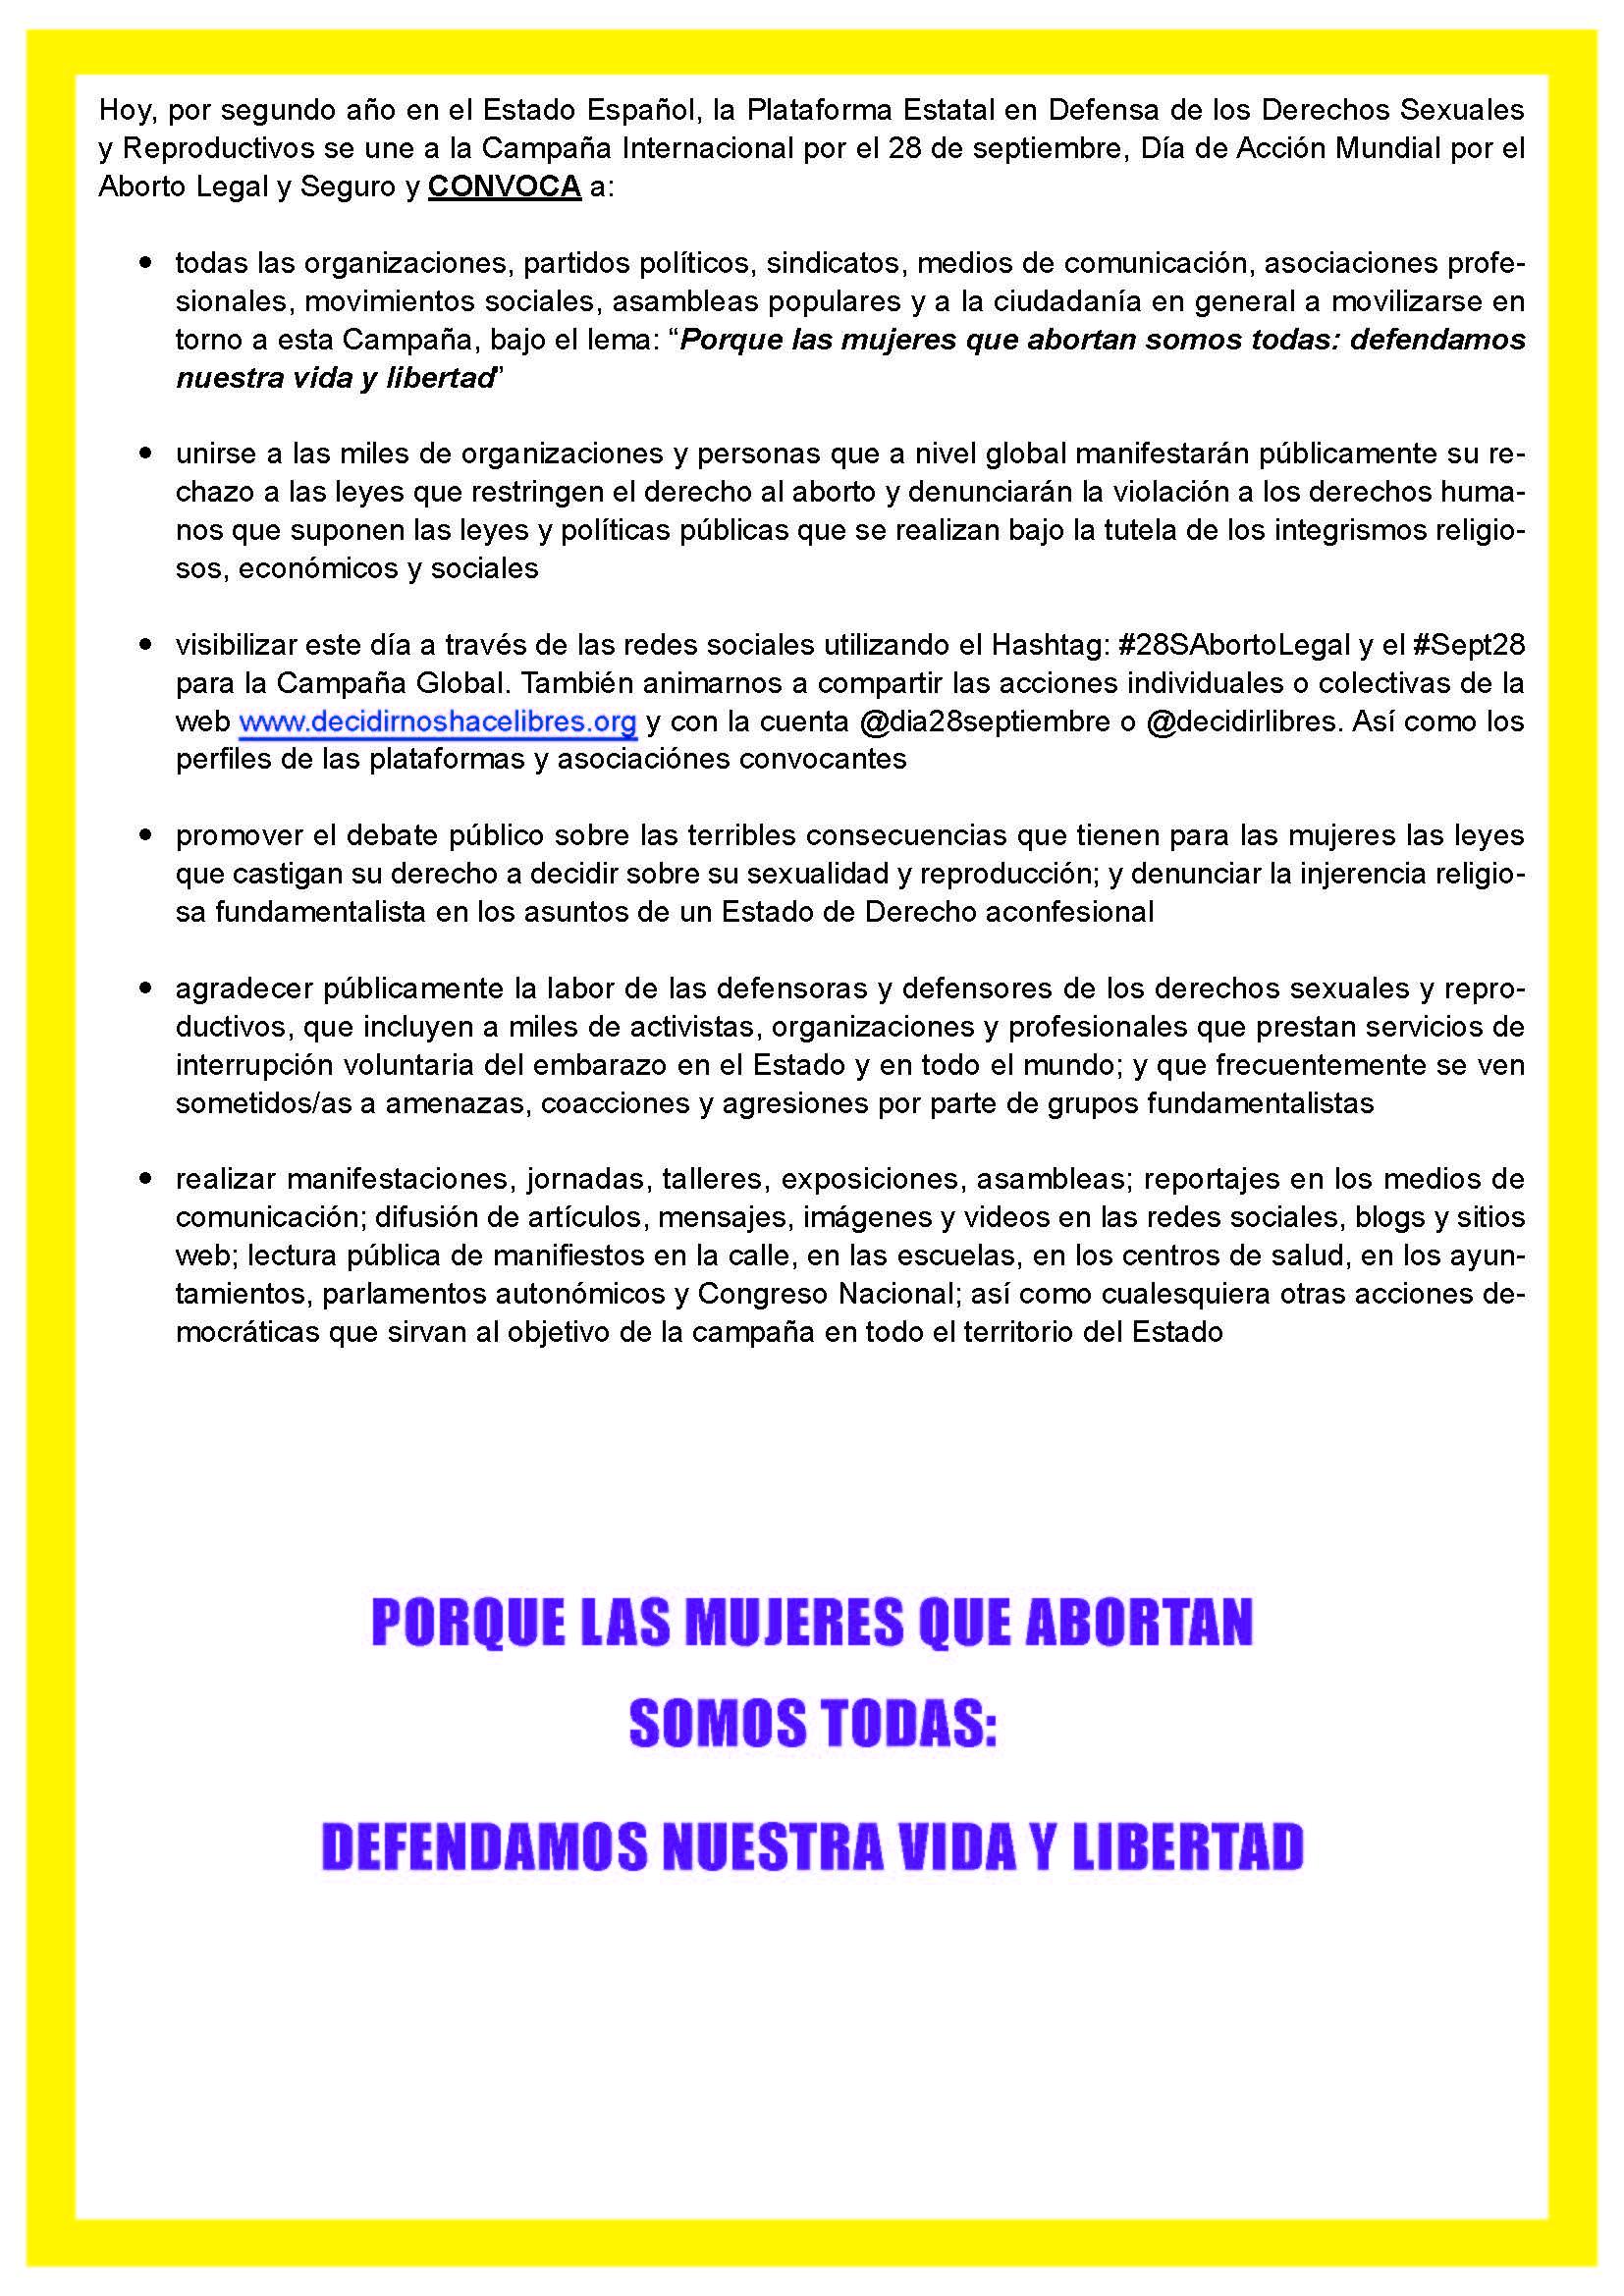 Manifiesto_01_28septiembre_2013_18sep_Pagina_2.jpg